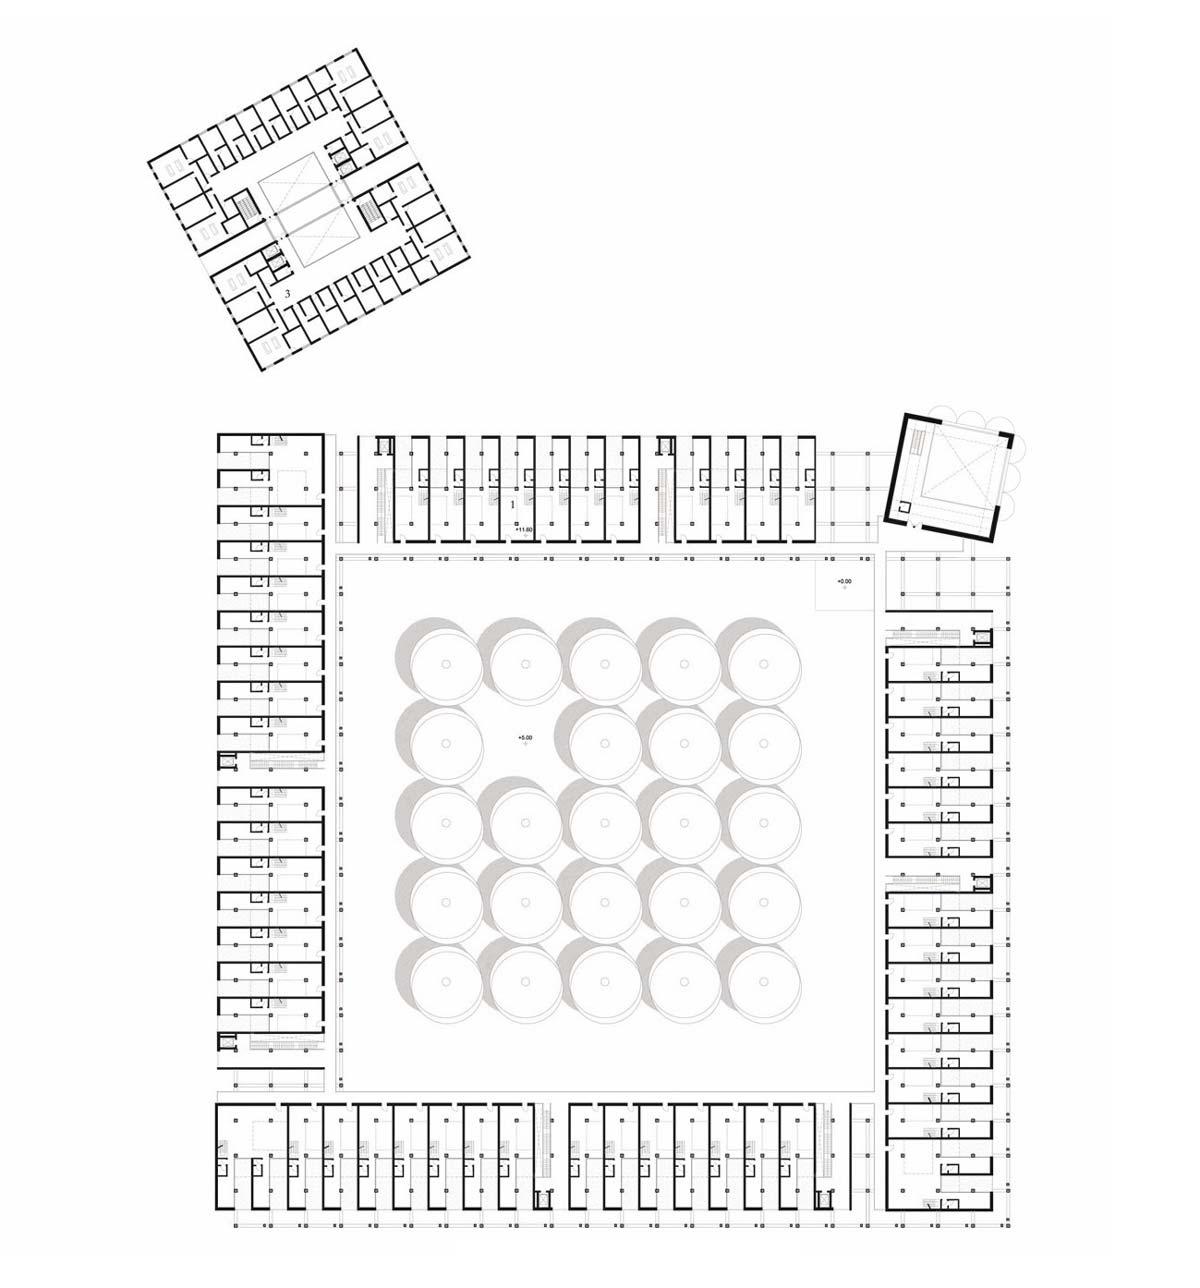 Degli-Esposti-Architetti_Genova-Redevelopment-Ex-fiera-Area_06